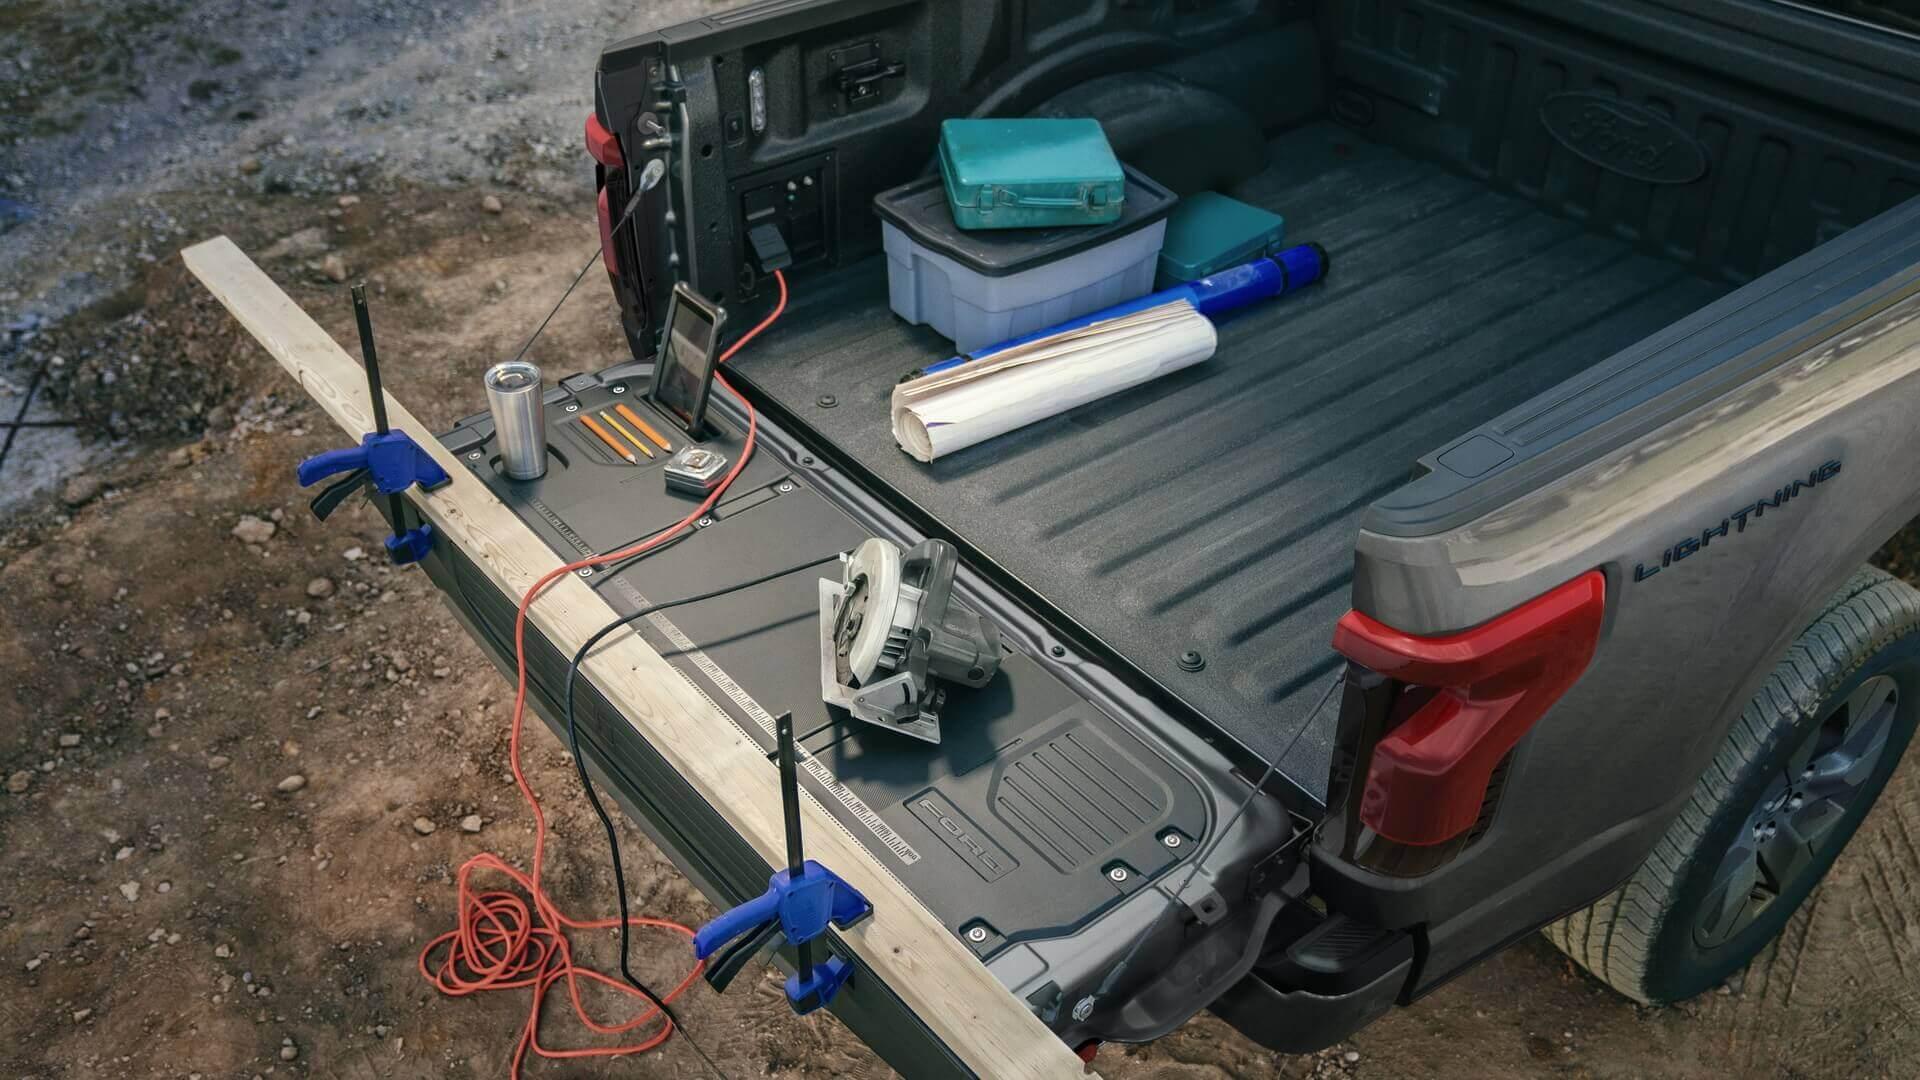 Электрический пикап Ford F-150 Lightning может использоваться питания различных инструментов, электроники ибытовой техники вдали отдома